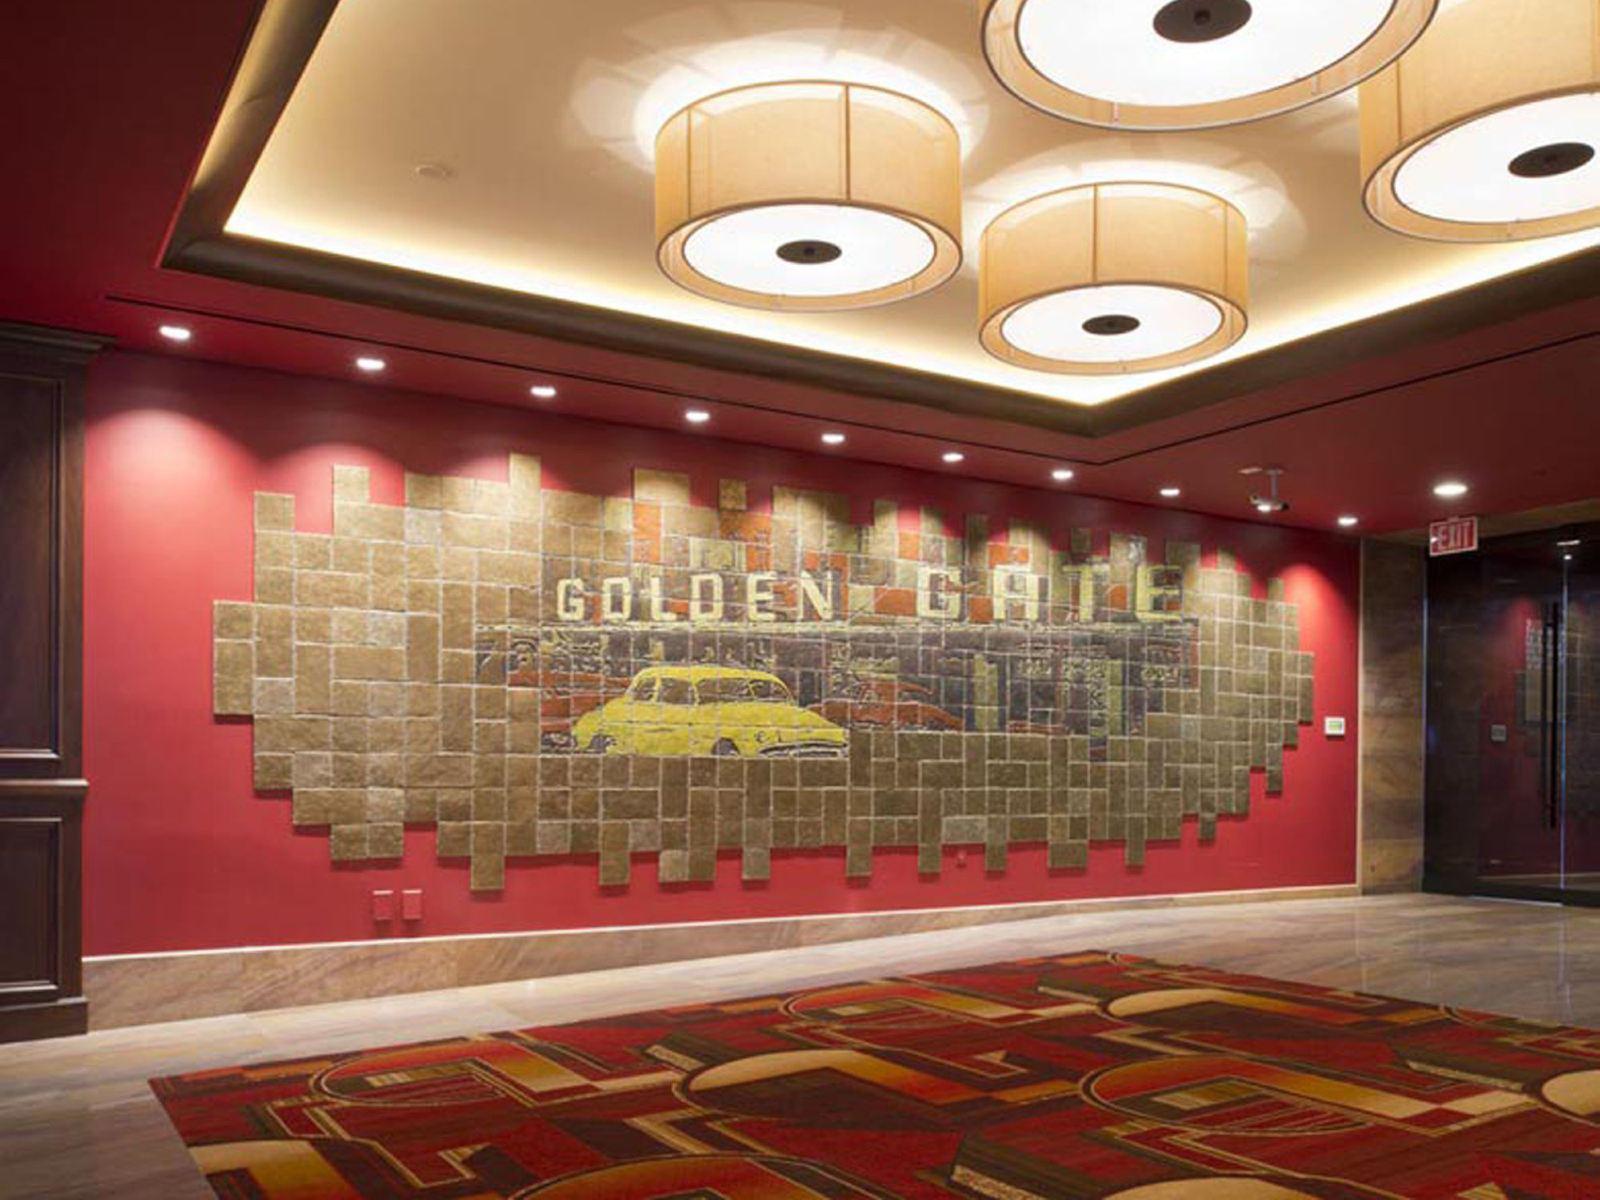 Greenville Casino